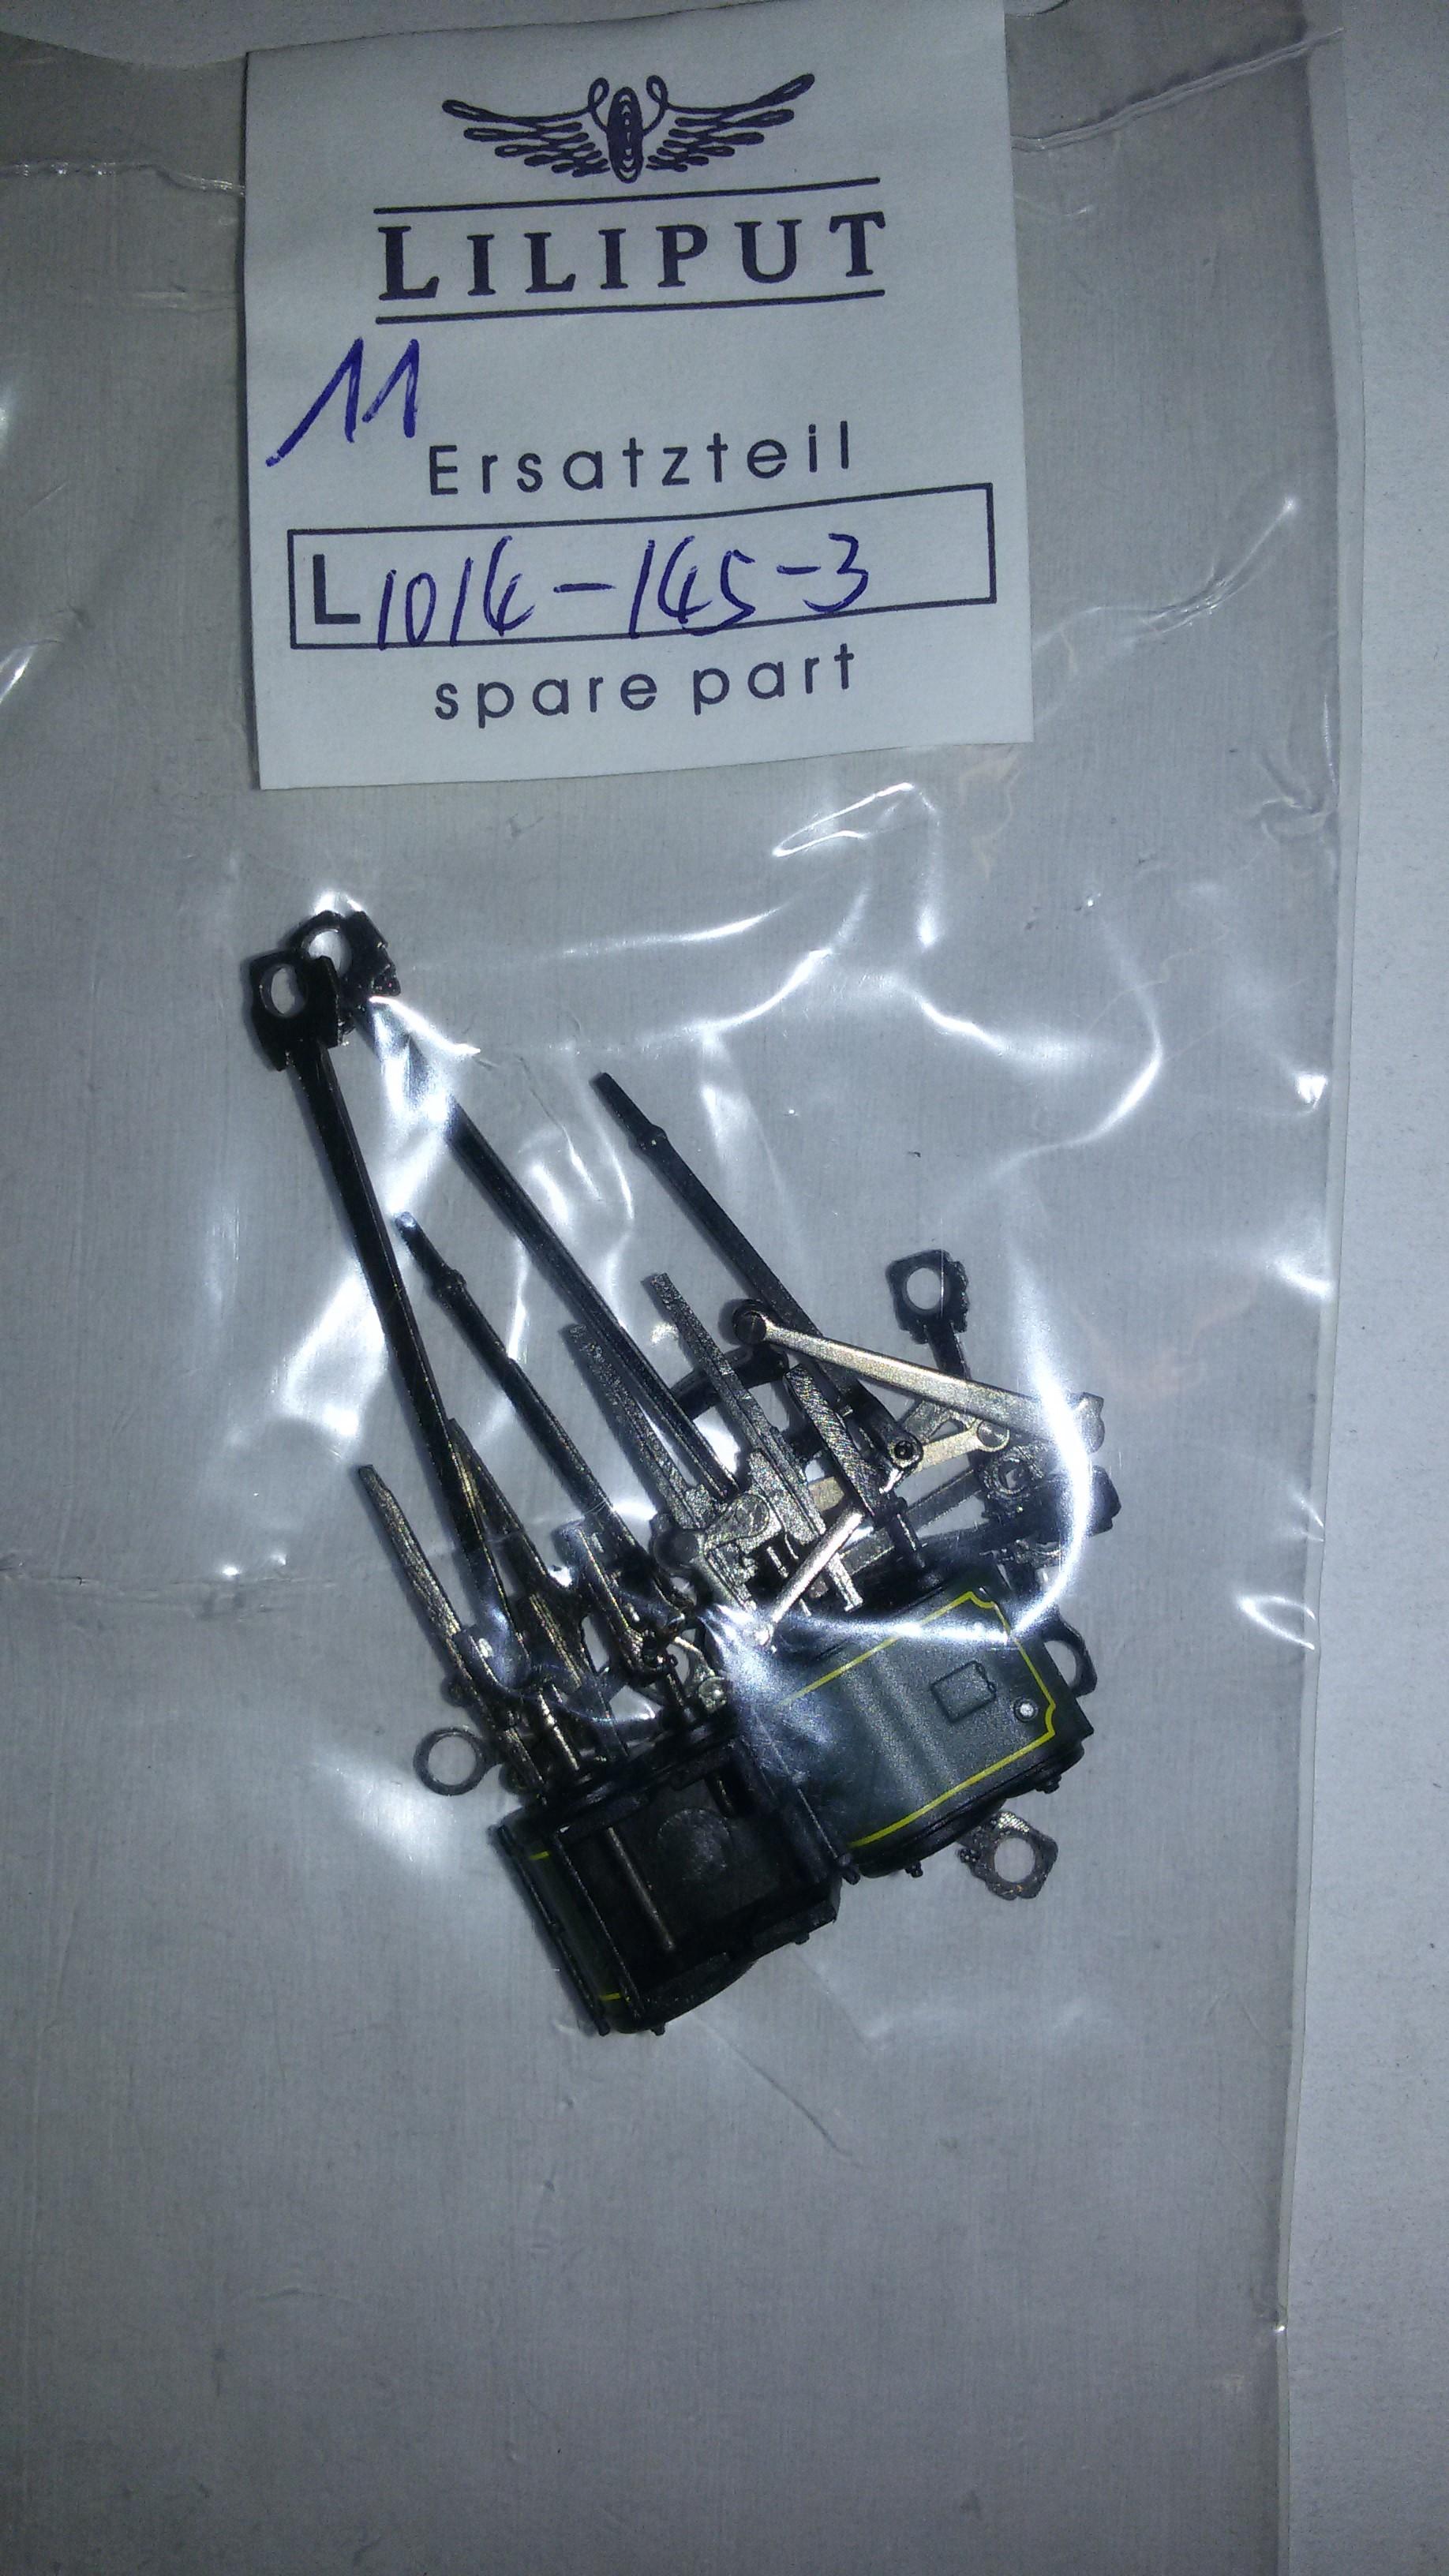 *LO 11* Liliput Ersatzteil L1014-145-3 Zylinder u.Gestänge kpl f.101432